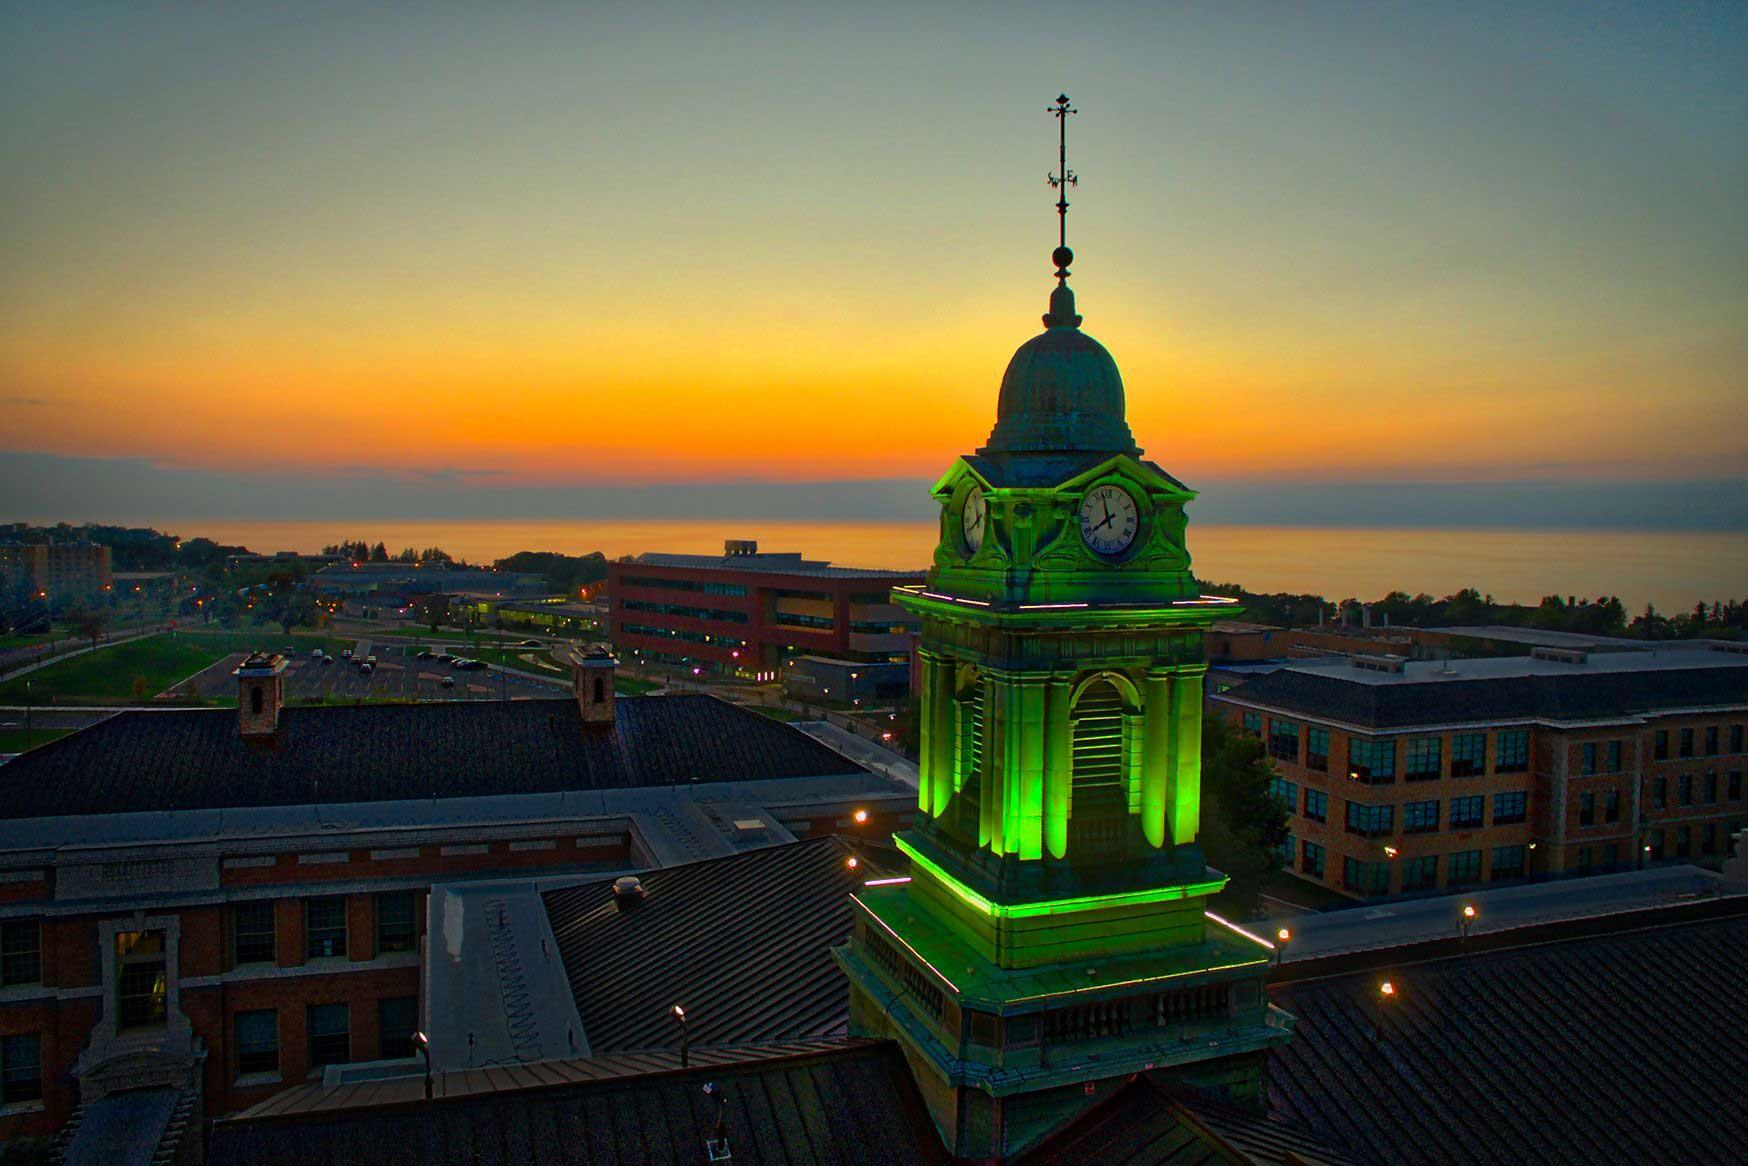 Sheldon Hall at sunset Oswego